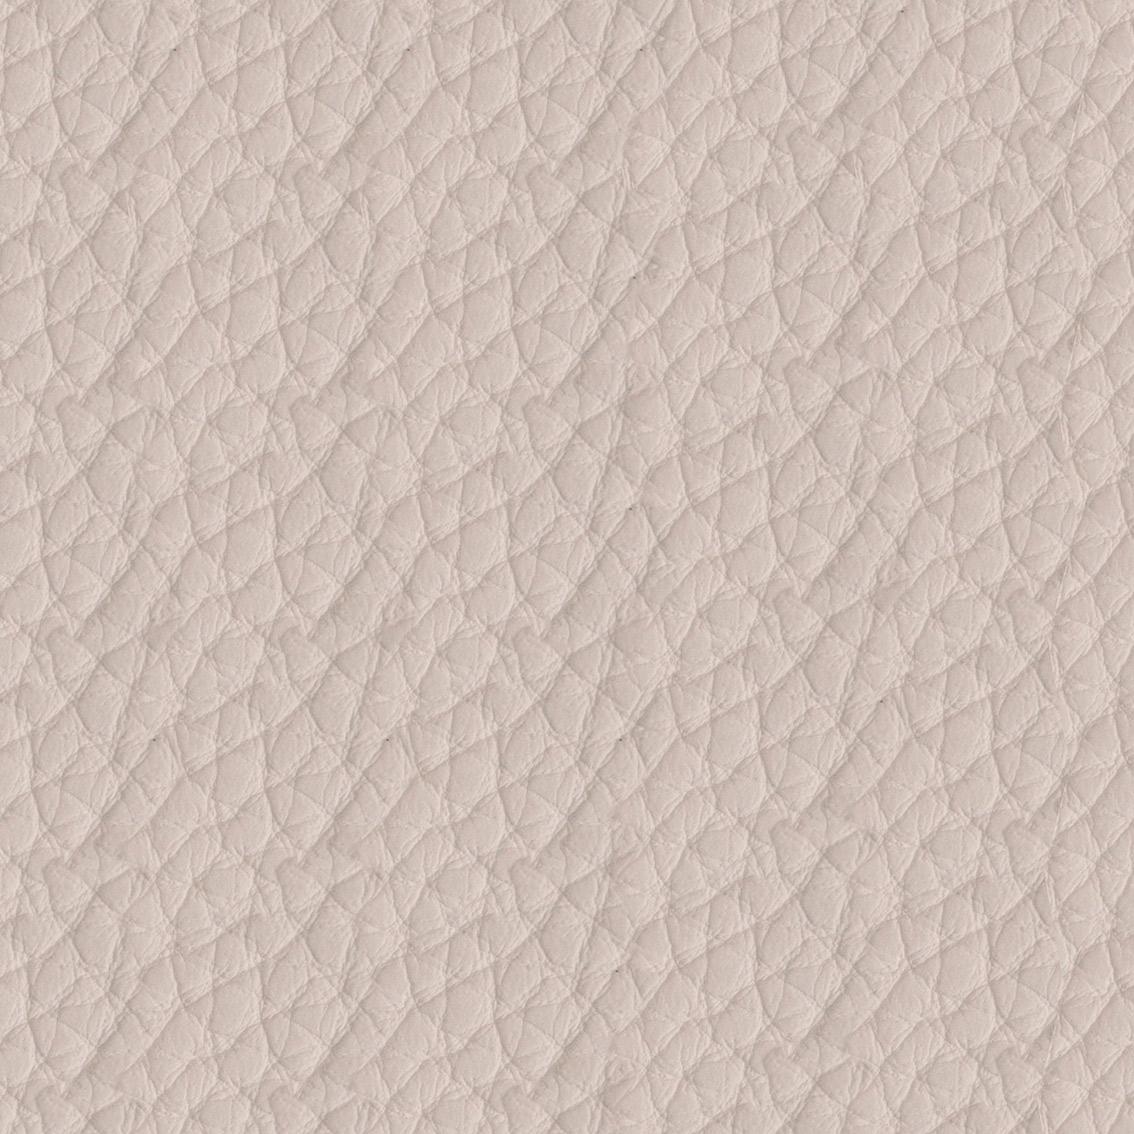 Коллекция ткани Aurora 282 Jest Stream,  купить ткань Кож зам для мебели Украина